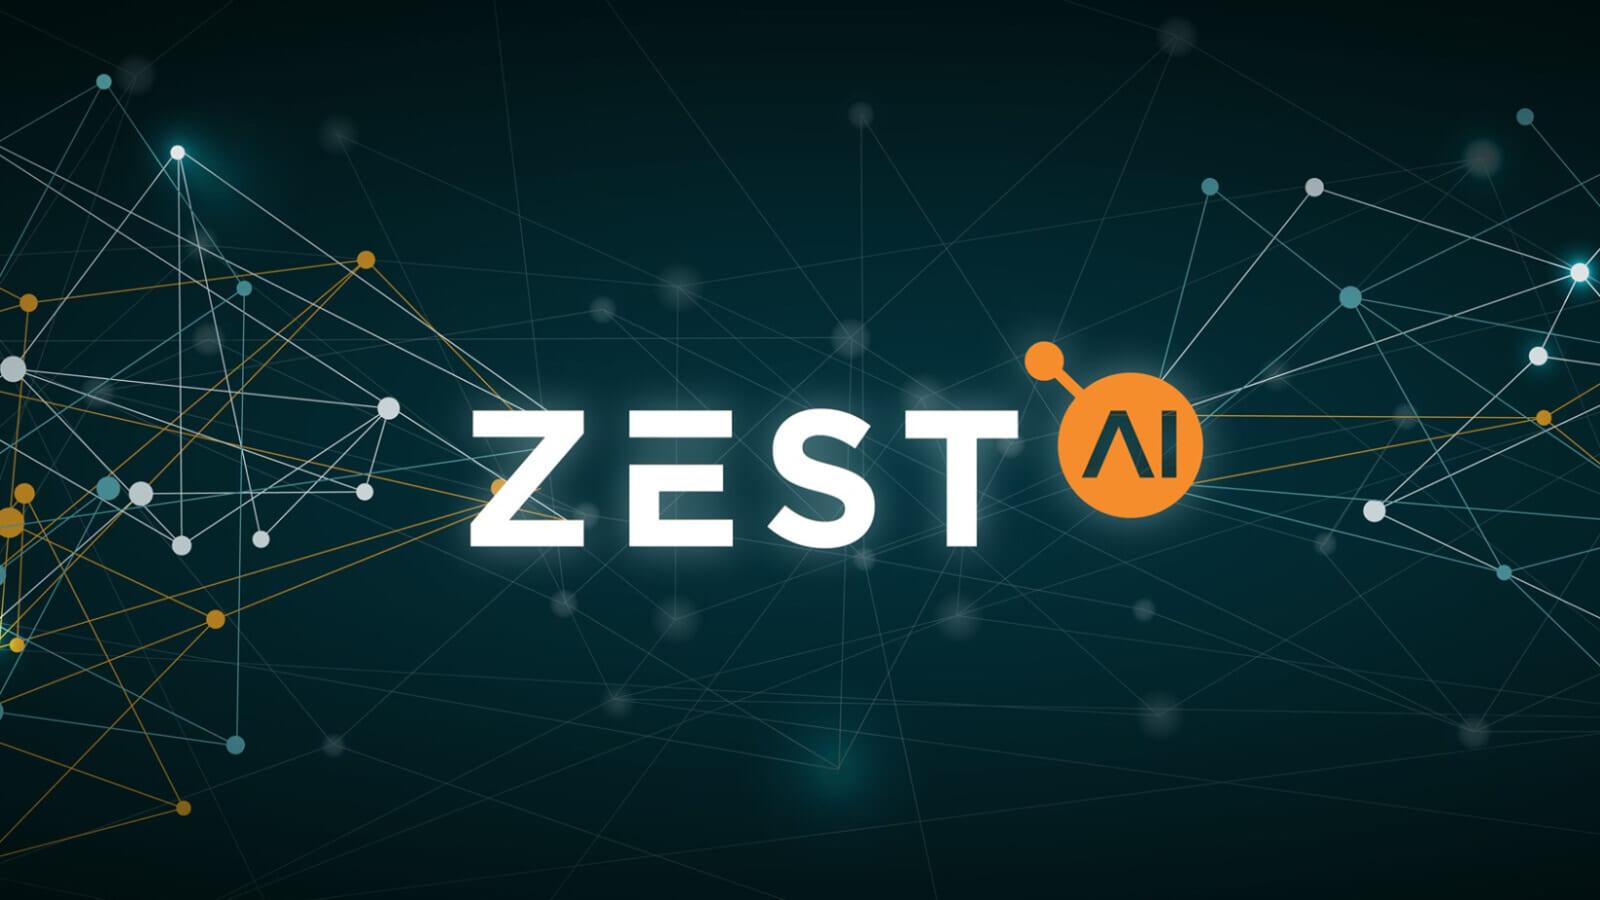 AIで公平にローン審査するモデルを開発、フィンテック企業Zest AIの挑戦